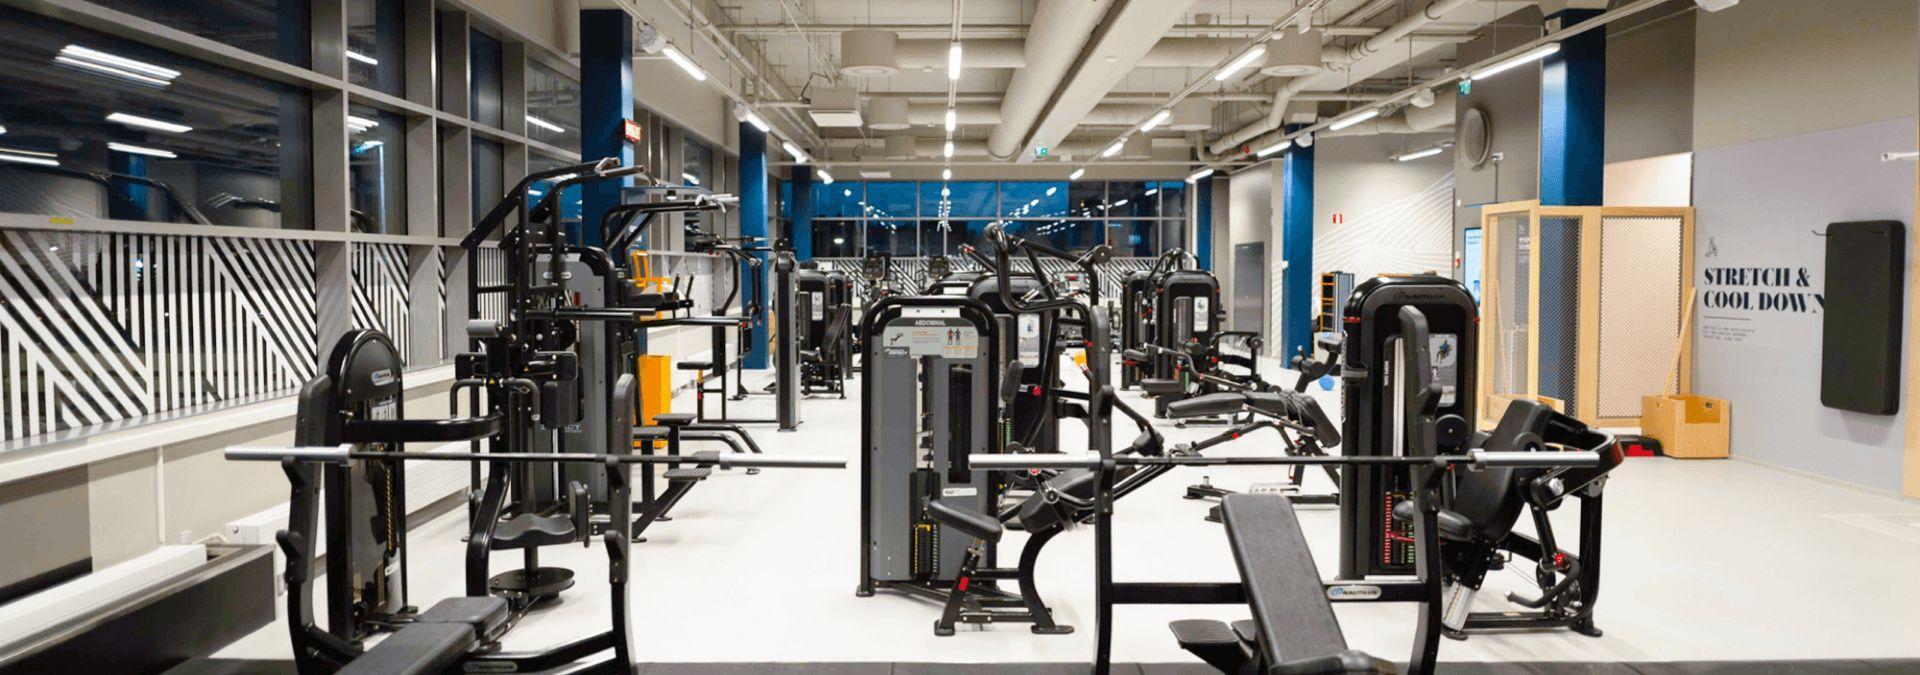 Millaiset Ihmiset Kayvat Kuntosalilla Oisin Fitness24seven Tarjoaa Joustavat Aikataulunsa Jatkossa Myos Hertsissa Hertsi